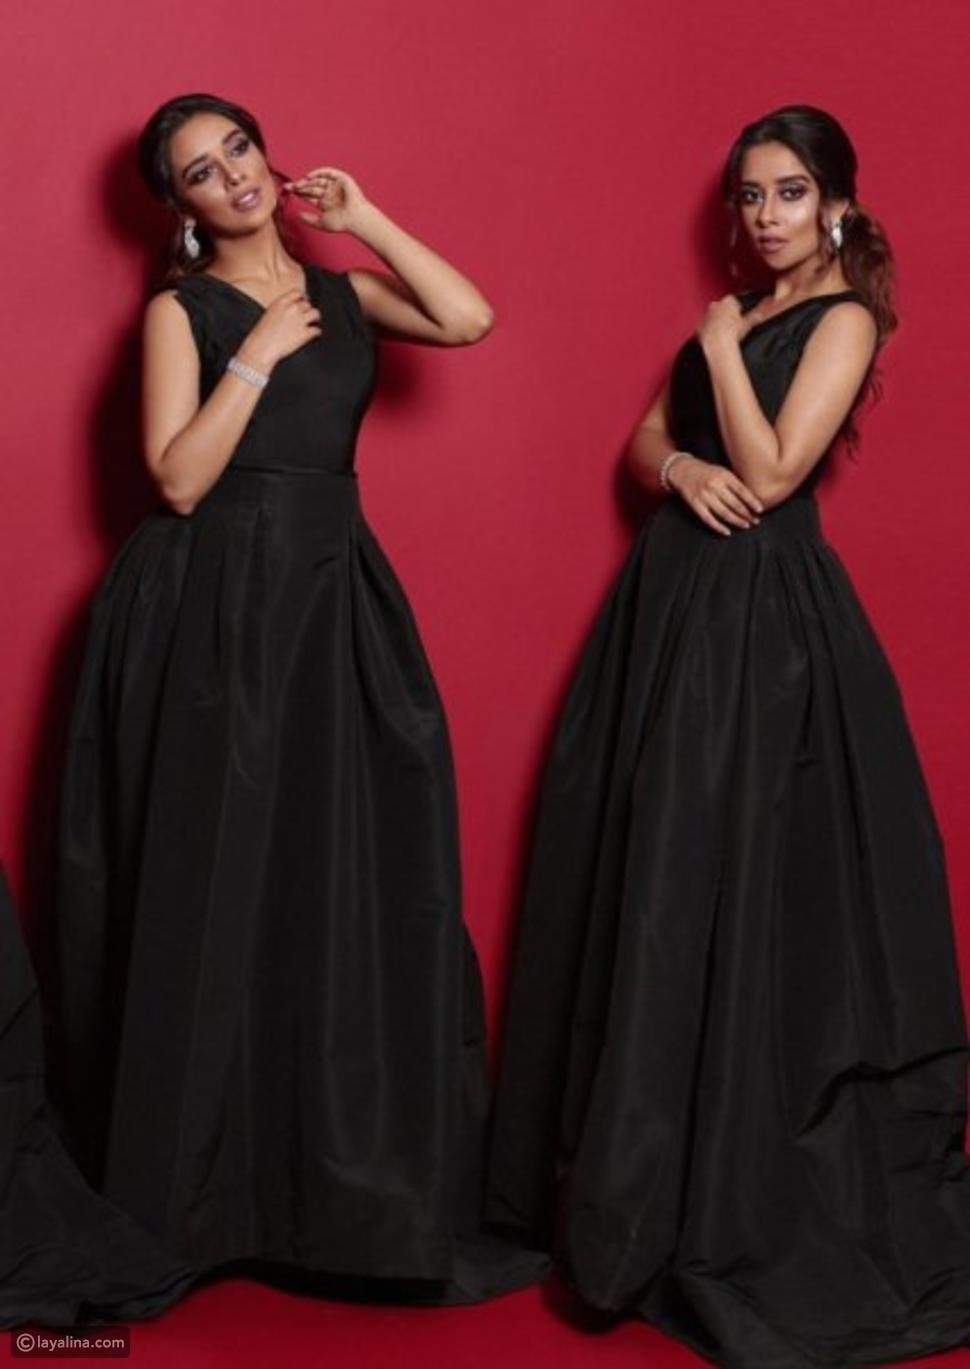 الفستان تصميم كارولينا هيريرا